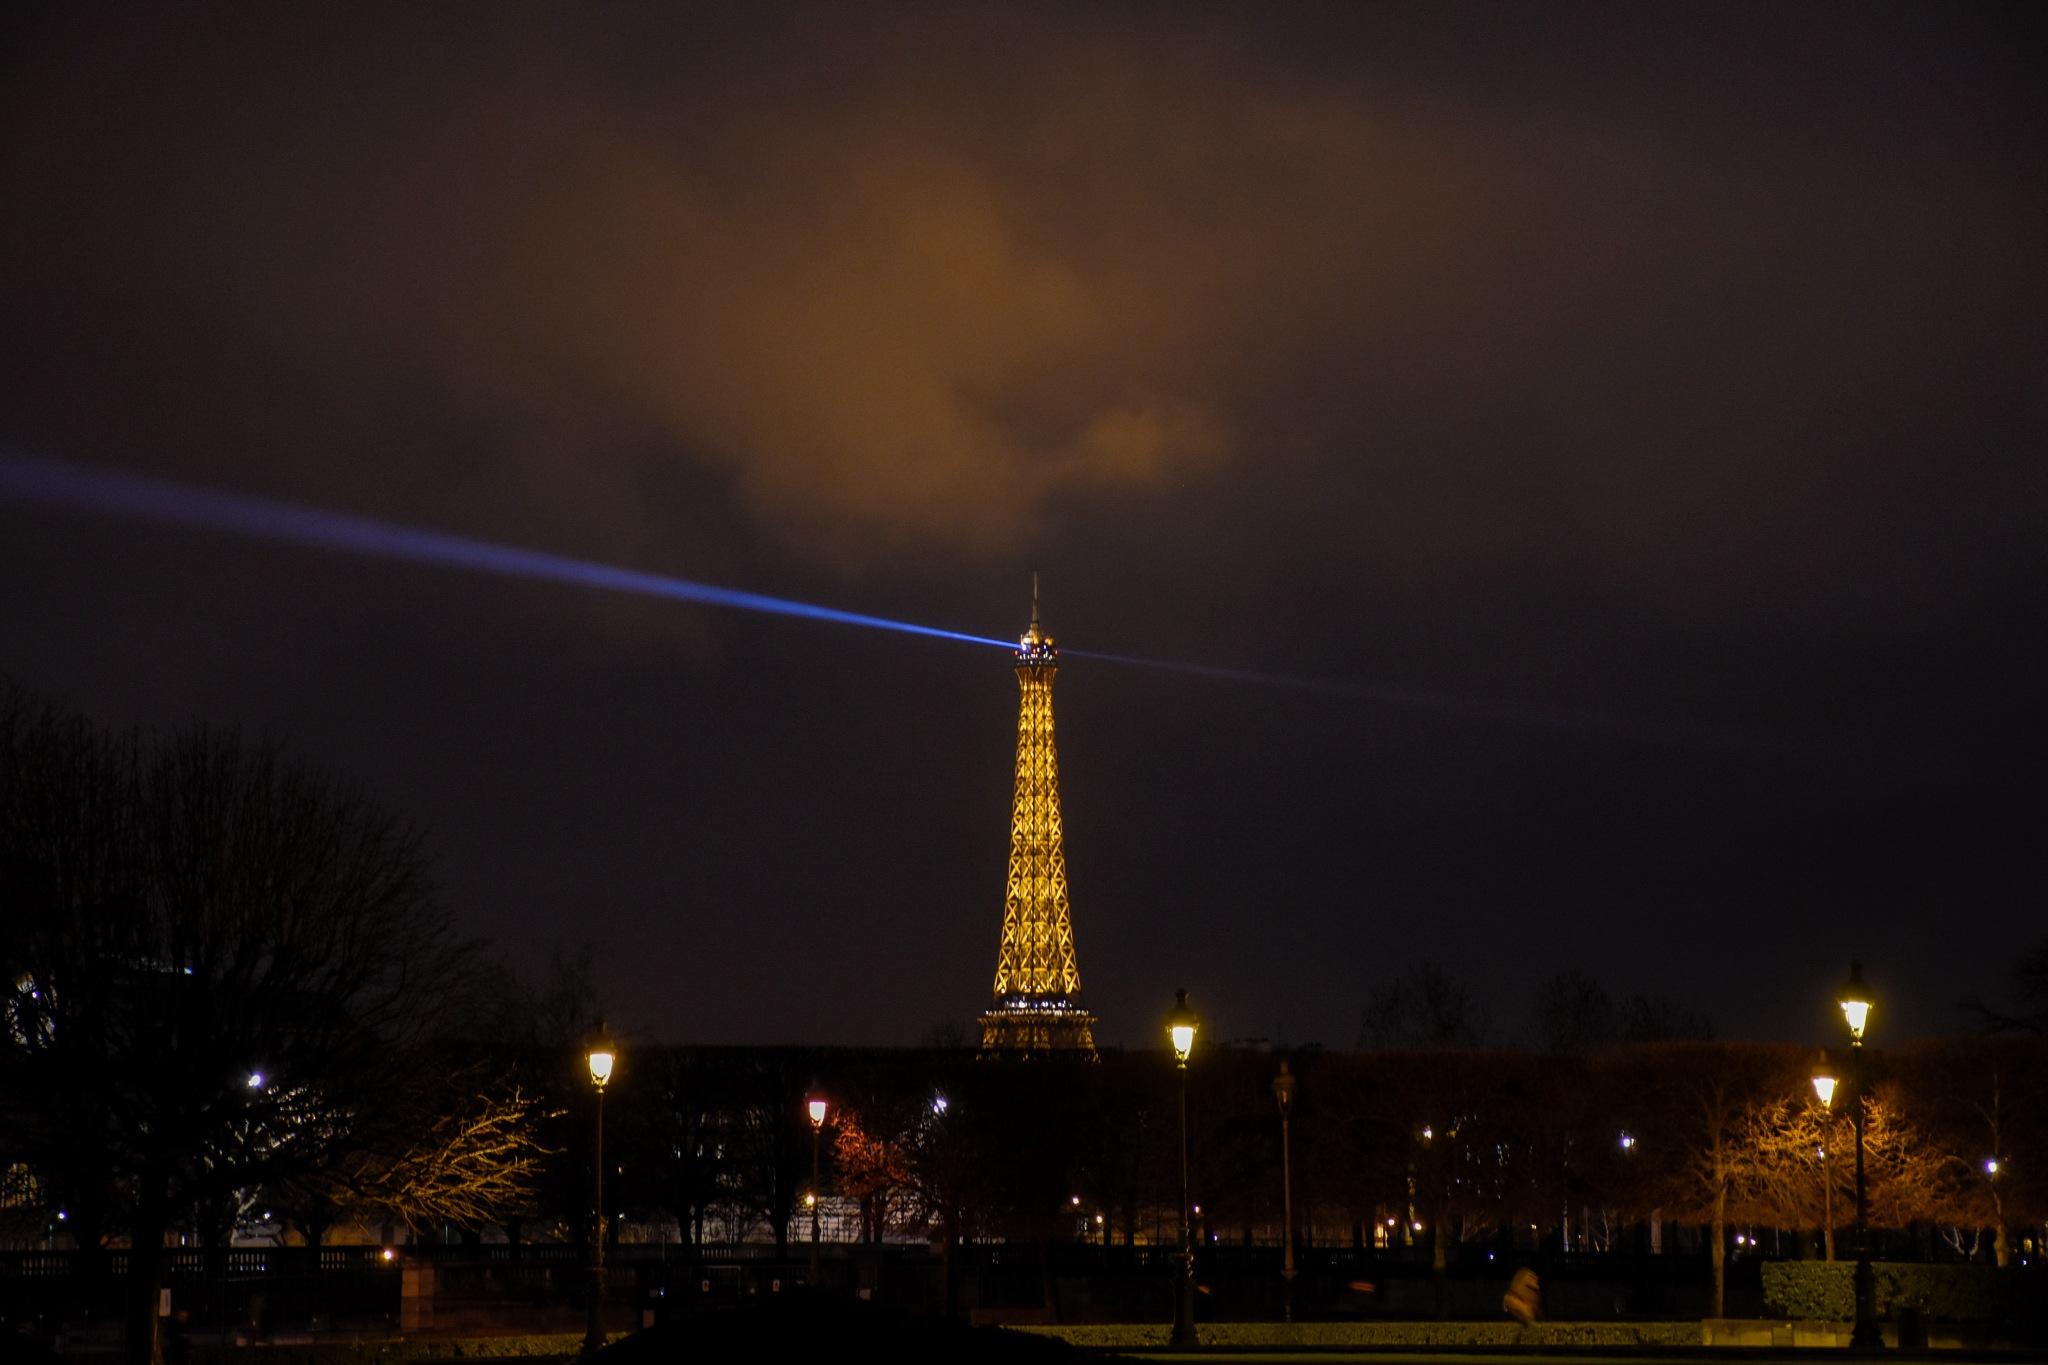 Paris de noche by PepoWest